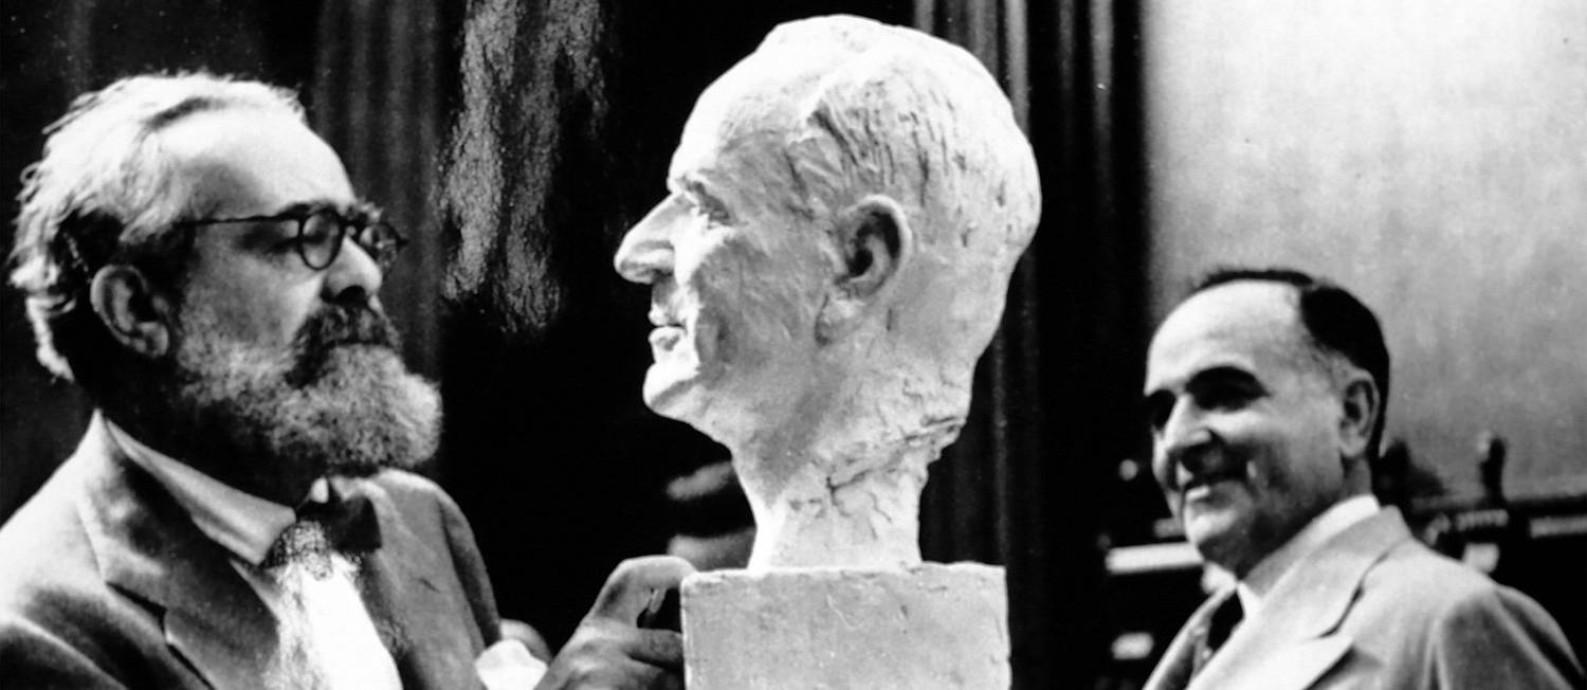 O escultuor Jo Davidson e Getúlio Vargas, em cena do filme 'Imagens do Estado Novo' Foto: Divulgação